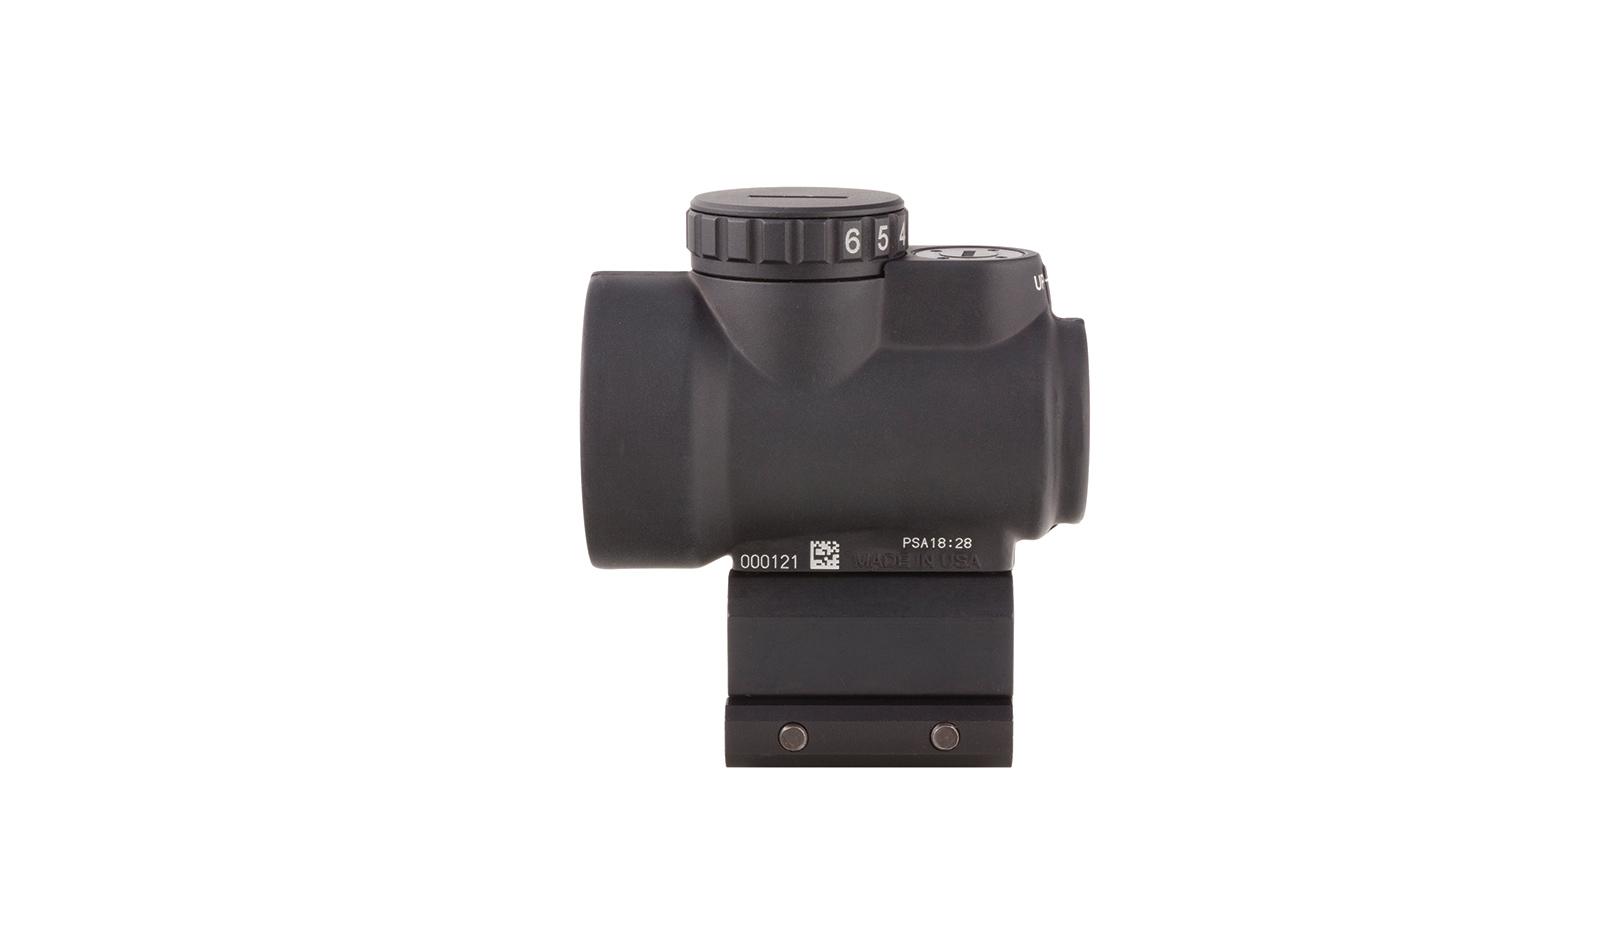 MRO-C-2200030 angle 2